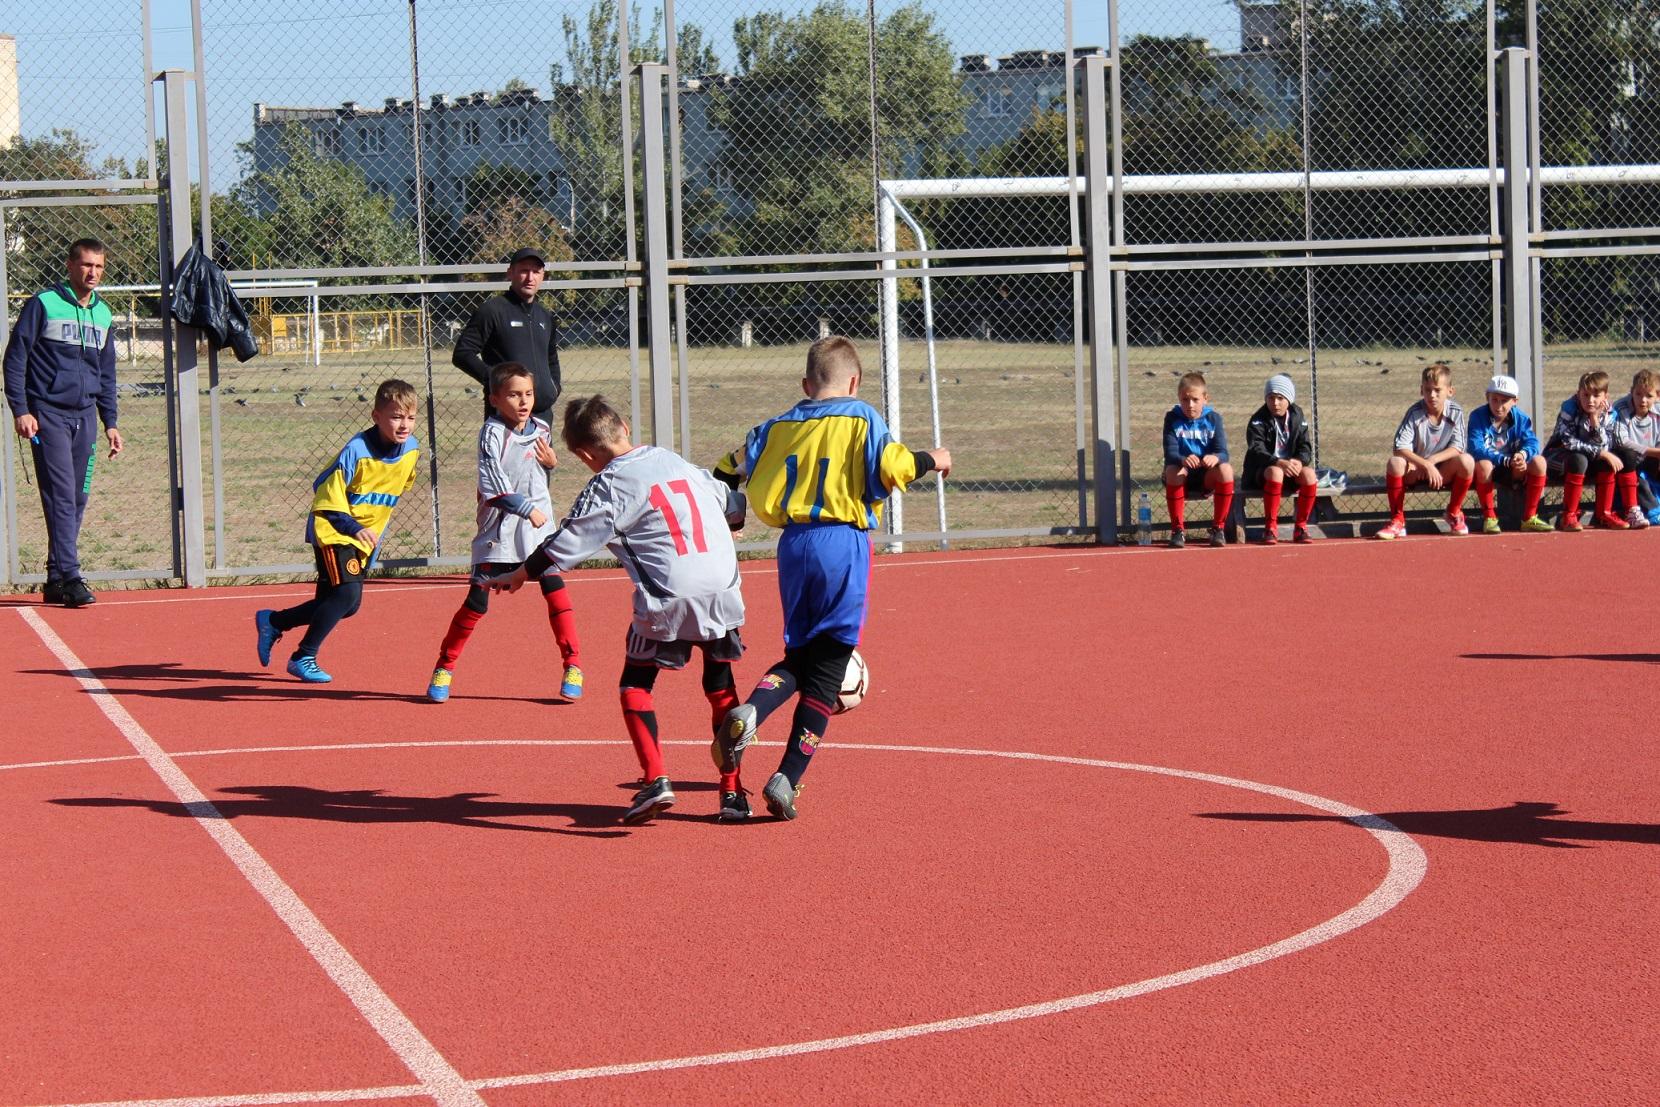 Відкритий чемпіонат м.Херсону з футболу серед команд юнаків 2007 року народження